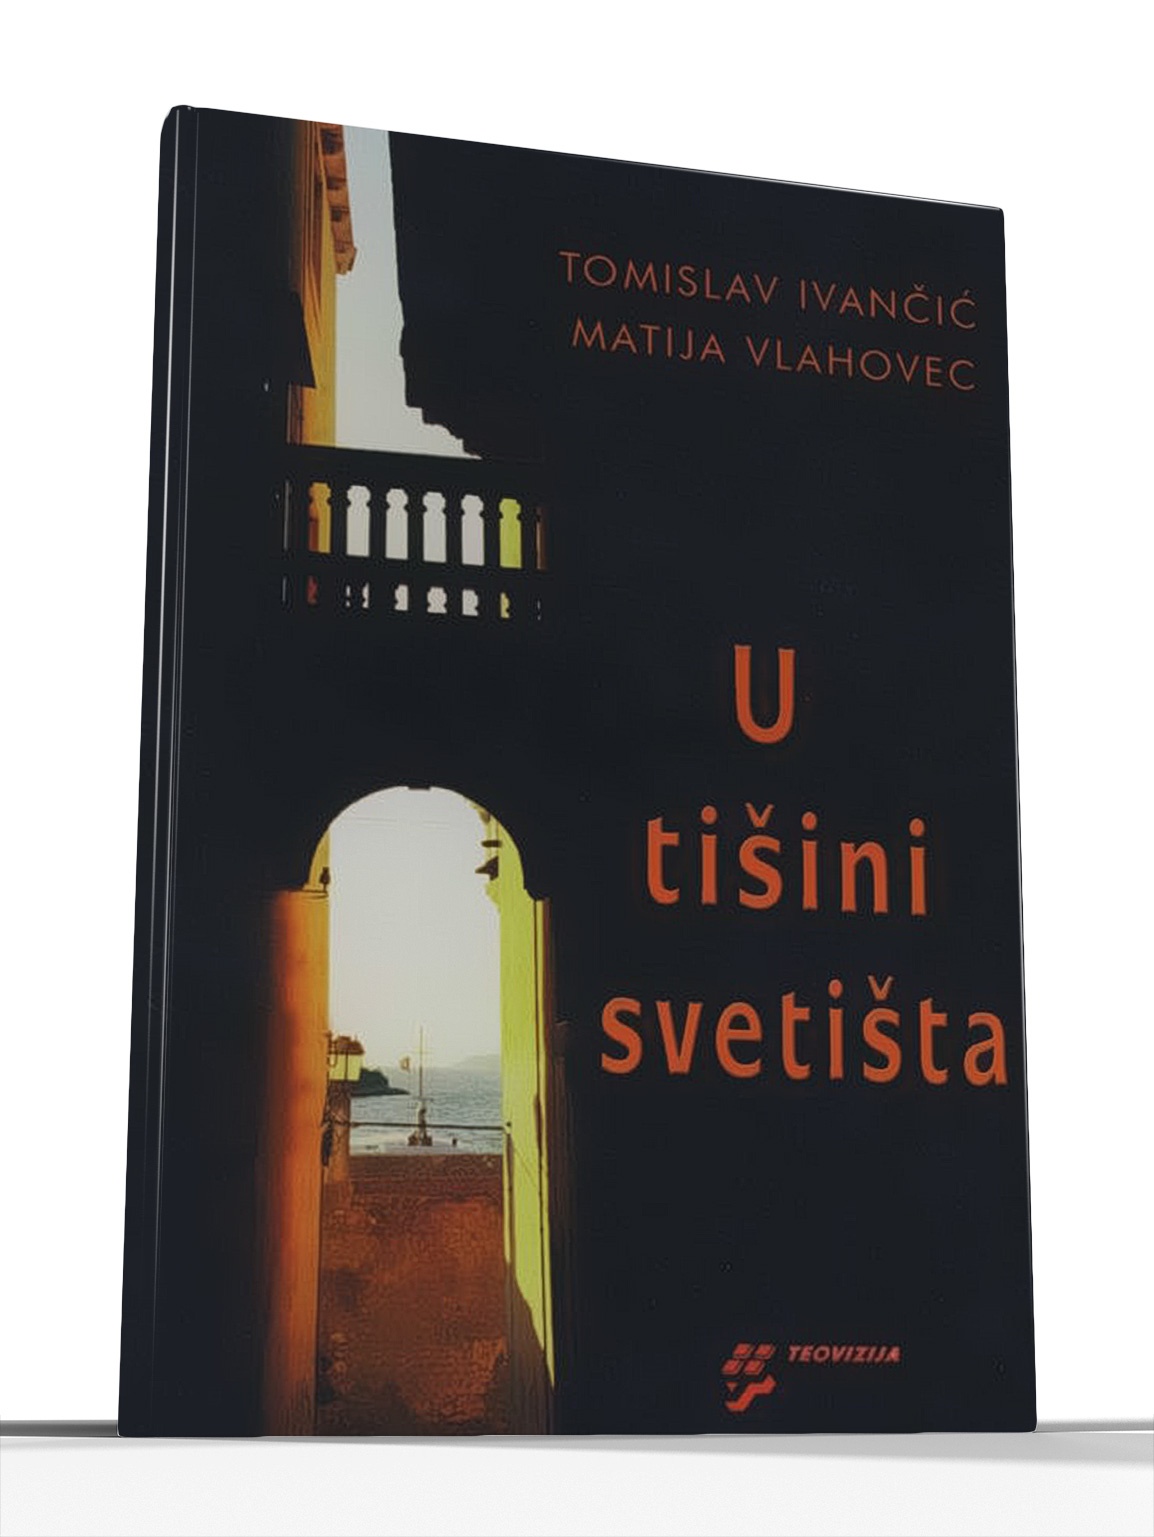 U TIŠINI SVETIŠTA - Tomislav Ivančić i Matija Vlahovac